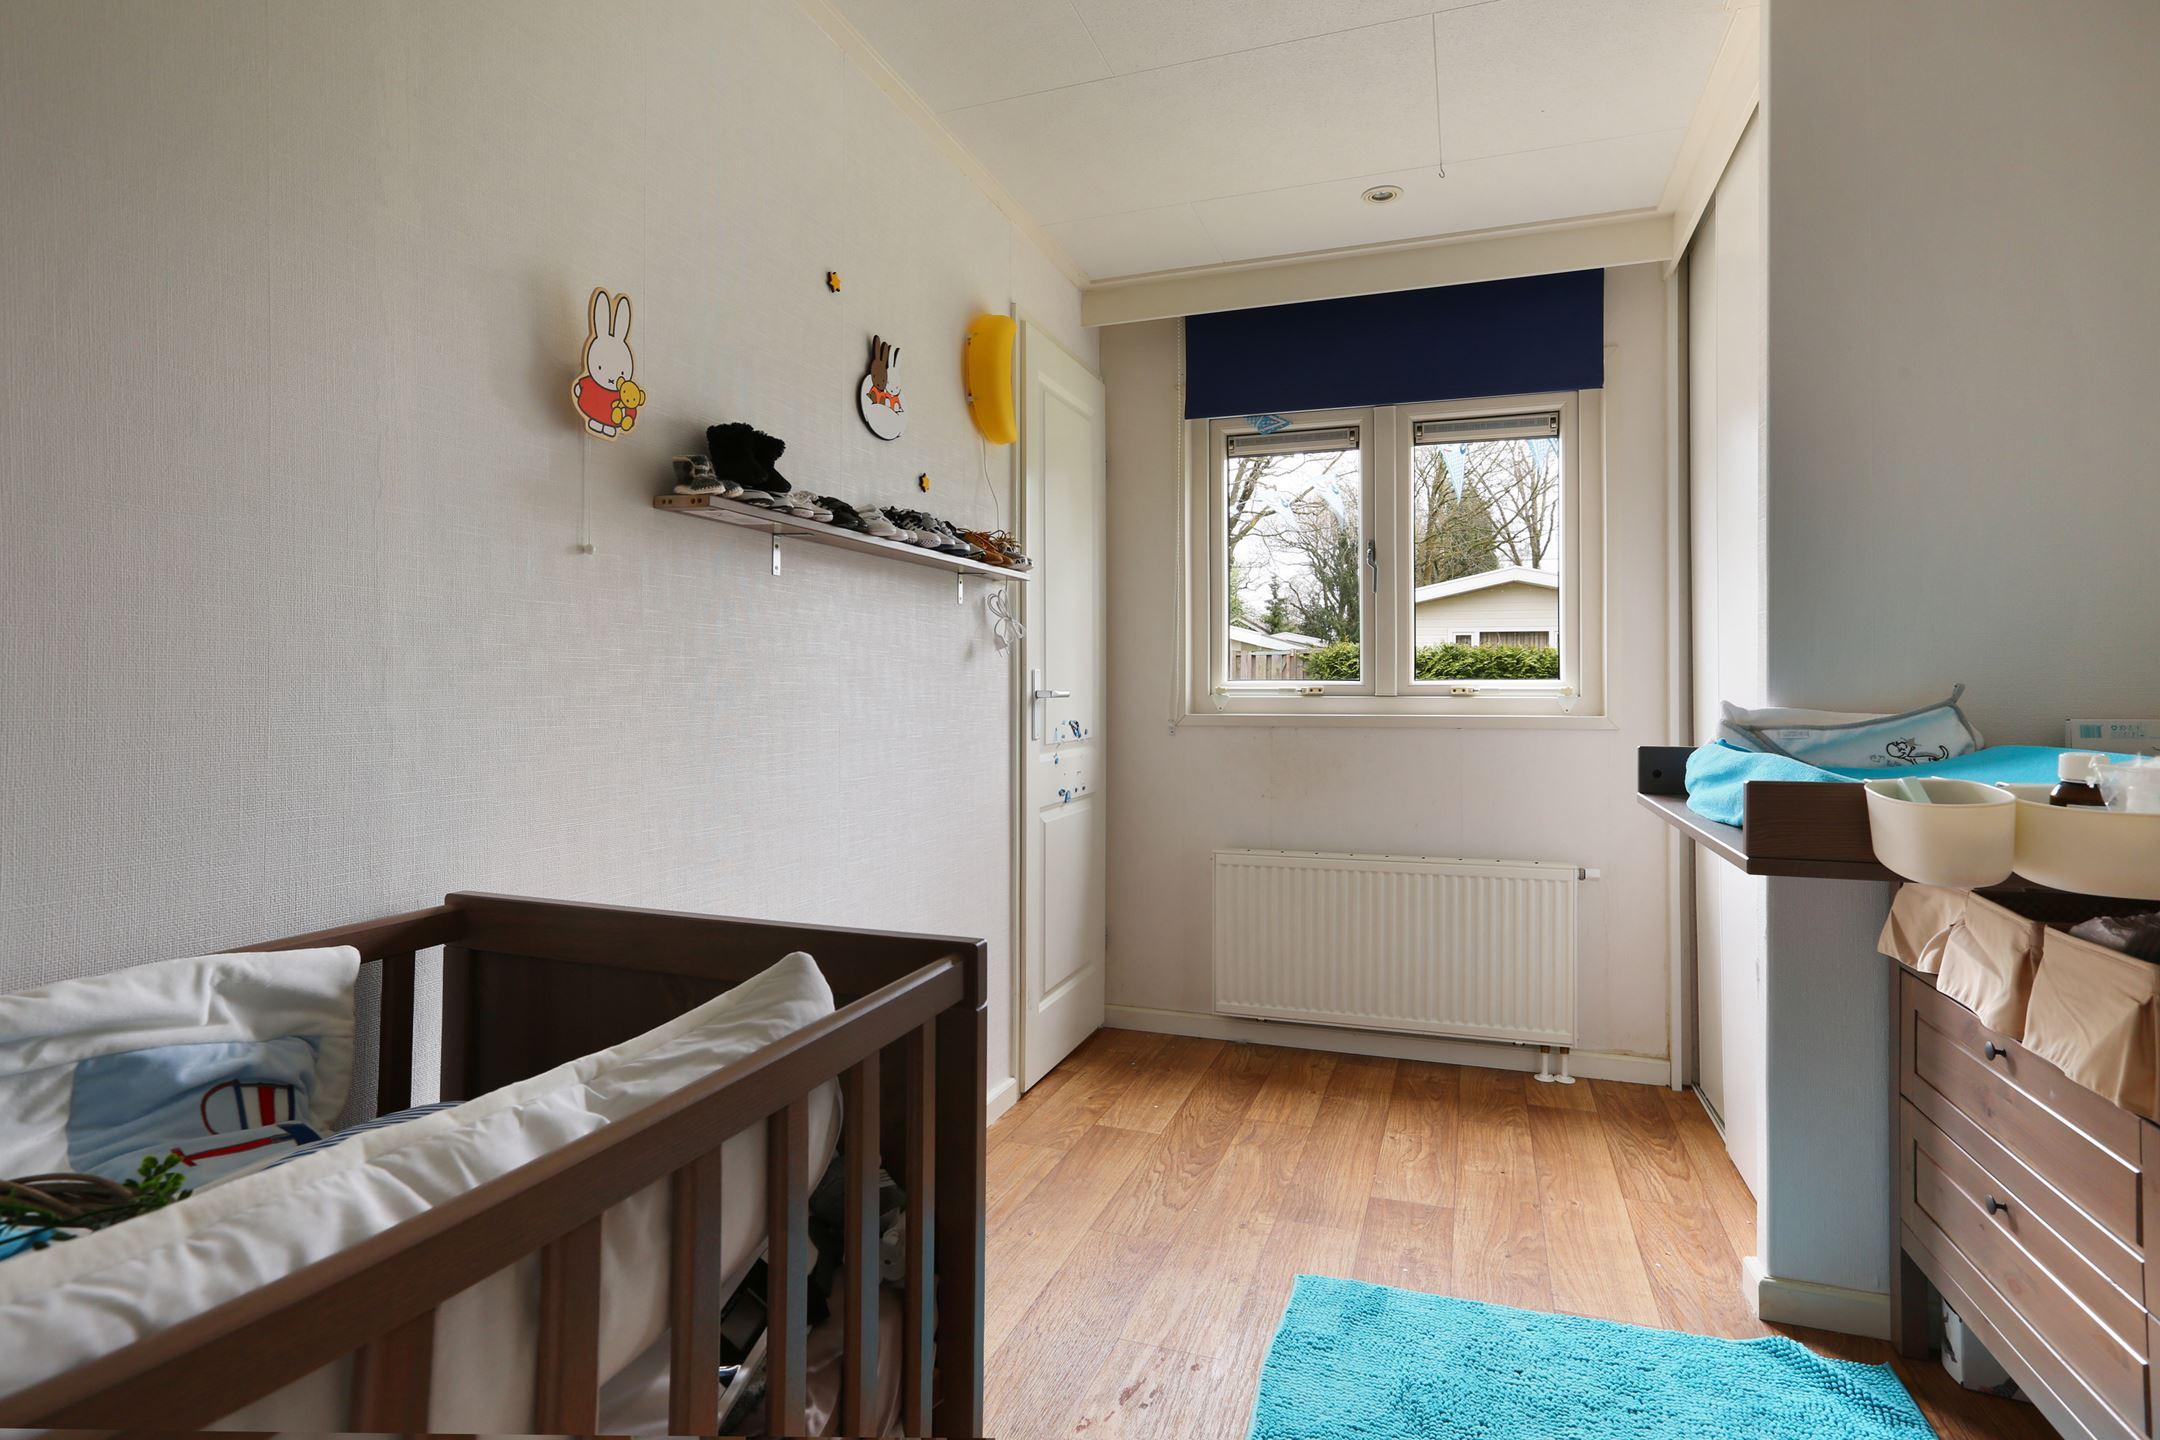 huis te koop birkstraat 132 74 3768 hm soest funda. Black Bedroom Furniture Sets. Home Design Ideas